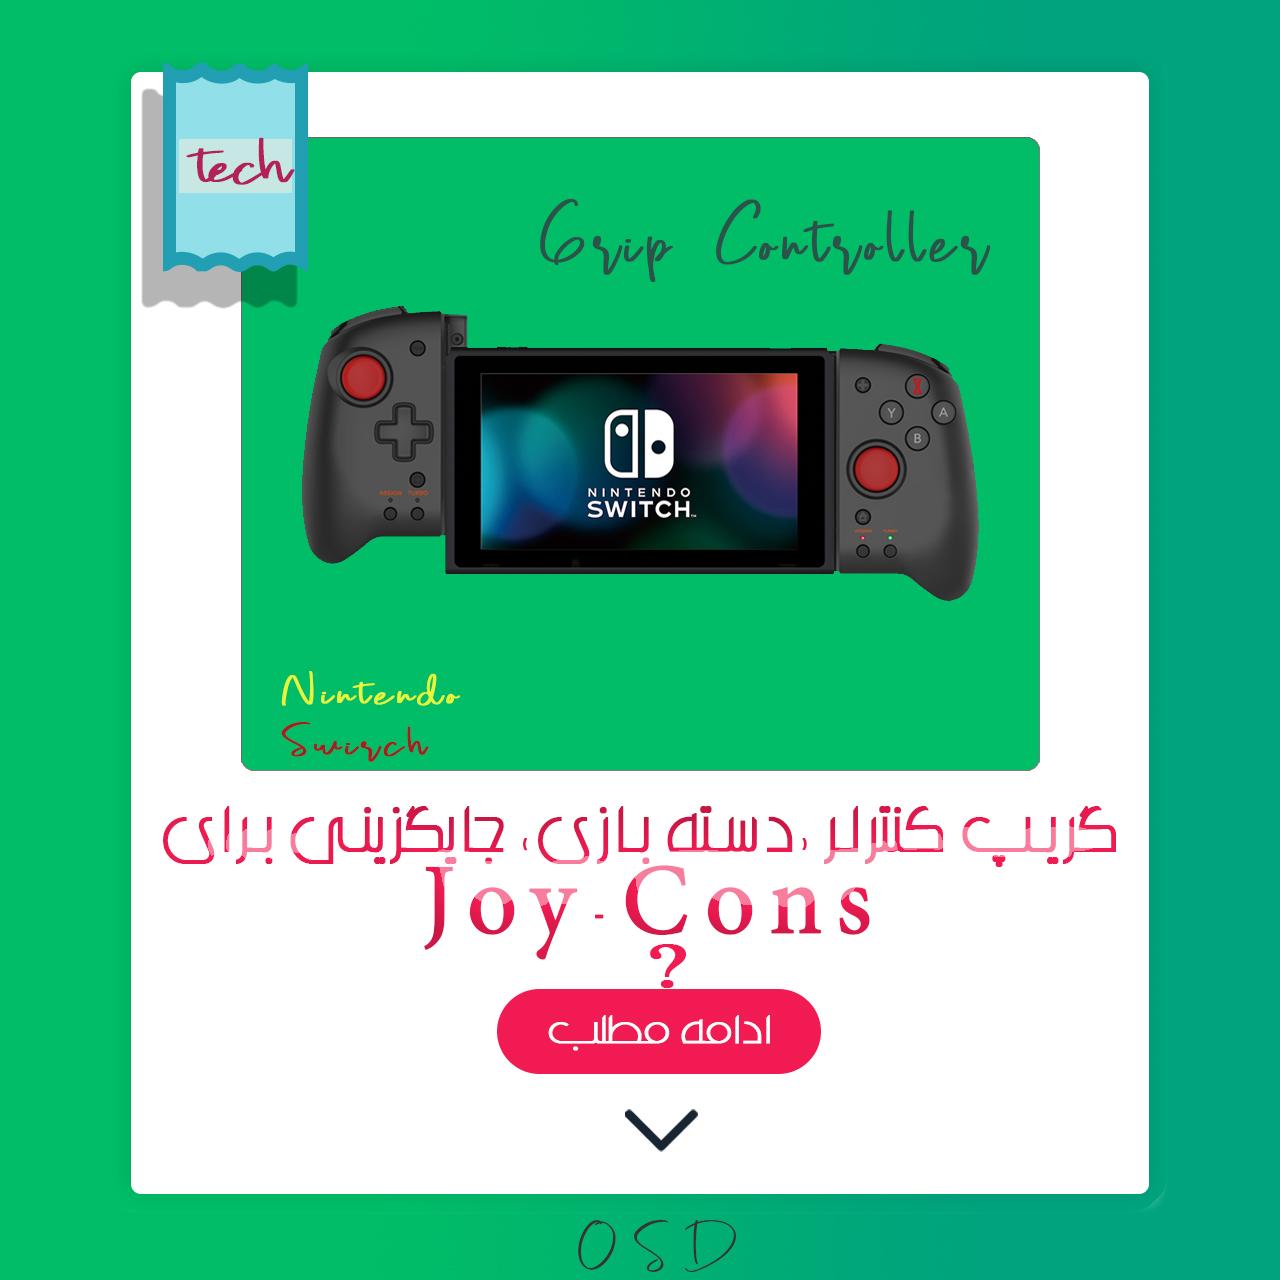 گریپ کنترلر (دسته بازی) جایگزینی برای Joy-Cons ? + اندازه کامل گیم پد ها